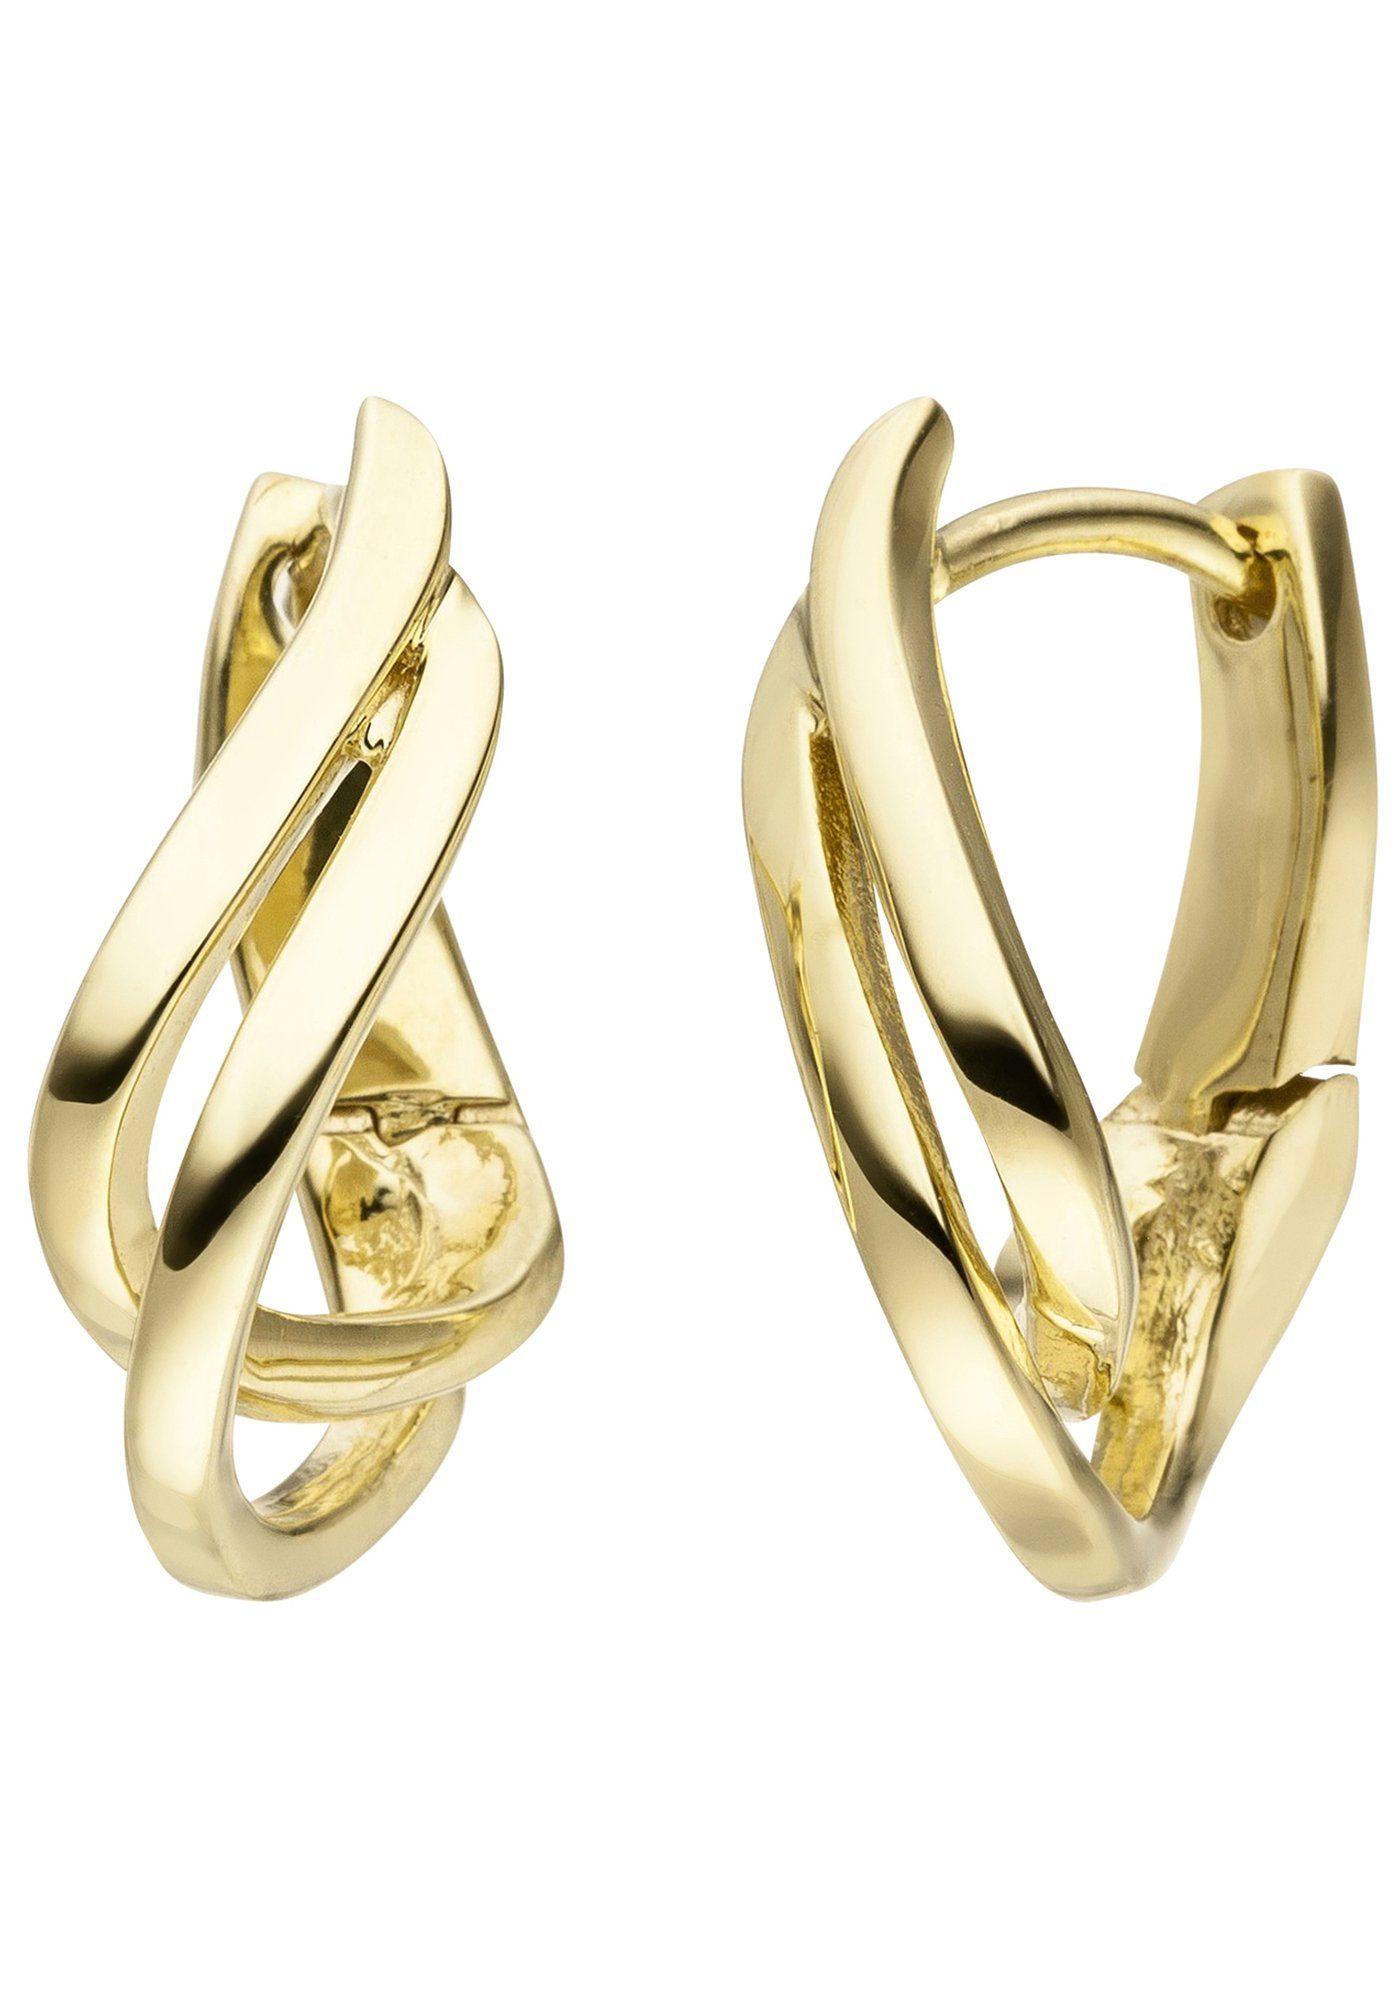 JOBO Paar Creolen geschwungen 375 Gold